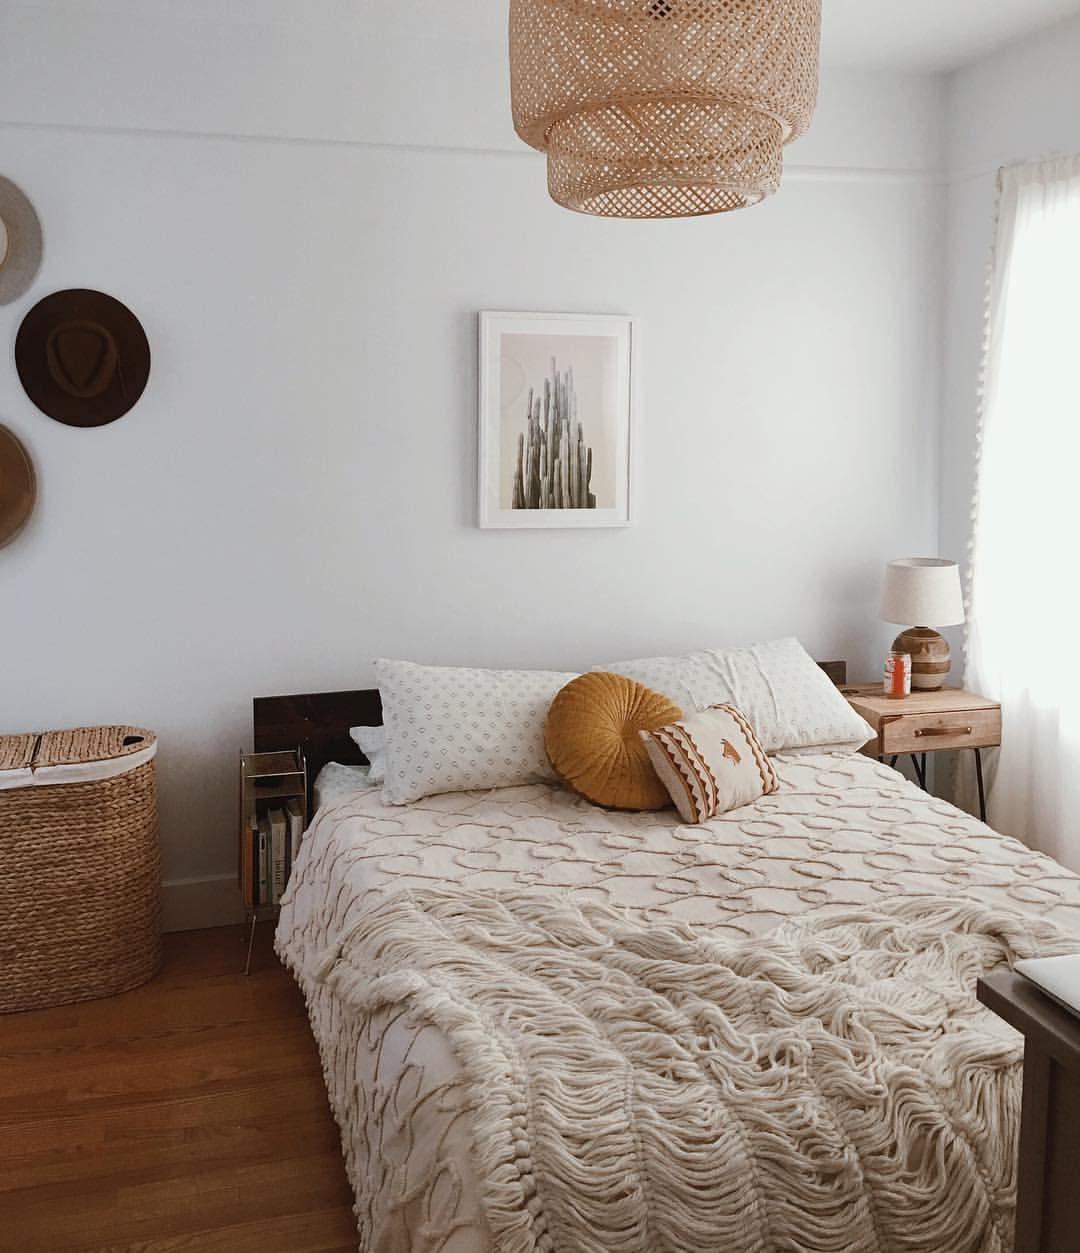 Bedroom Chairs Belfast Bedroom Furniture Tumblr Bedroom Ideas Beige Lazy Boy Bedroom Furniture: Decoración De Habitación